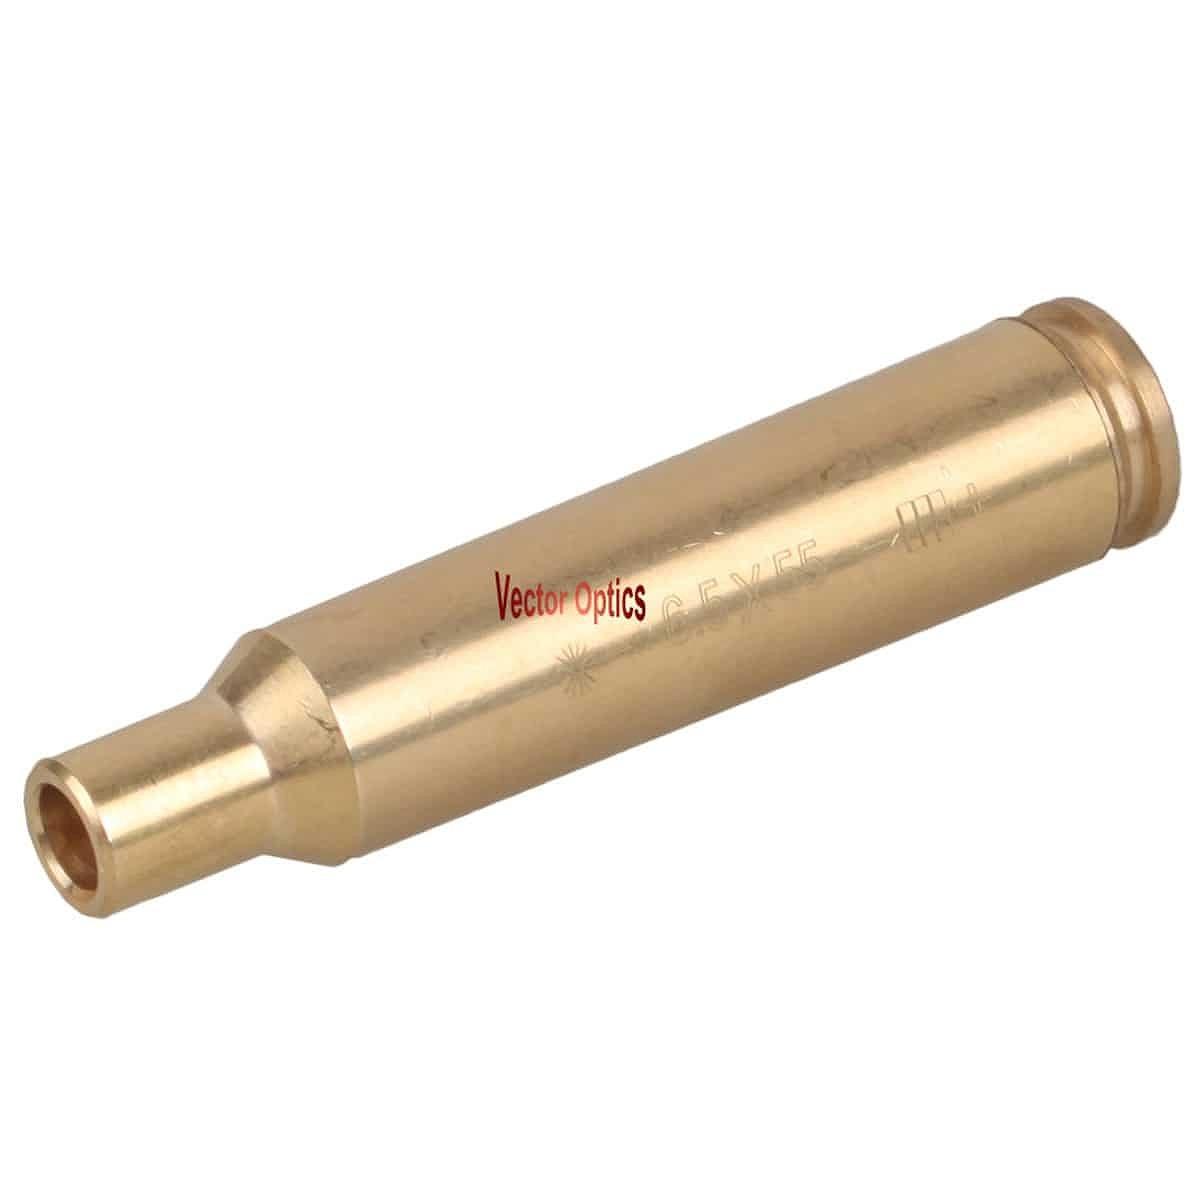 【お届け予定日: 2月28日】ベクターオプティクス ボアサイト 6.5x55mm  Vector Optics SCBCR-13